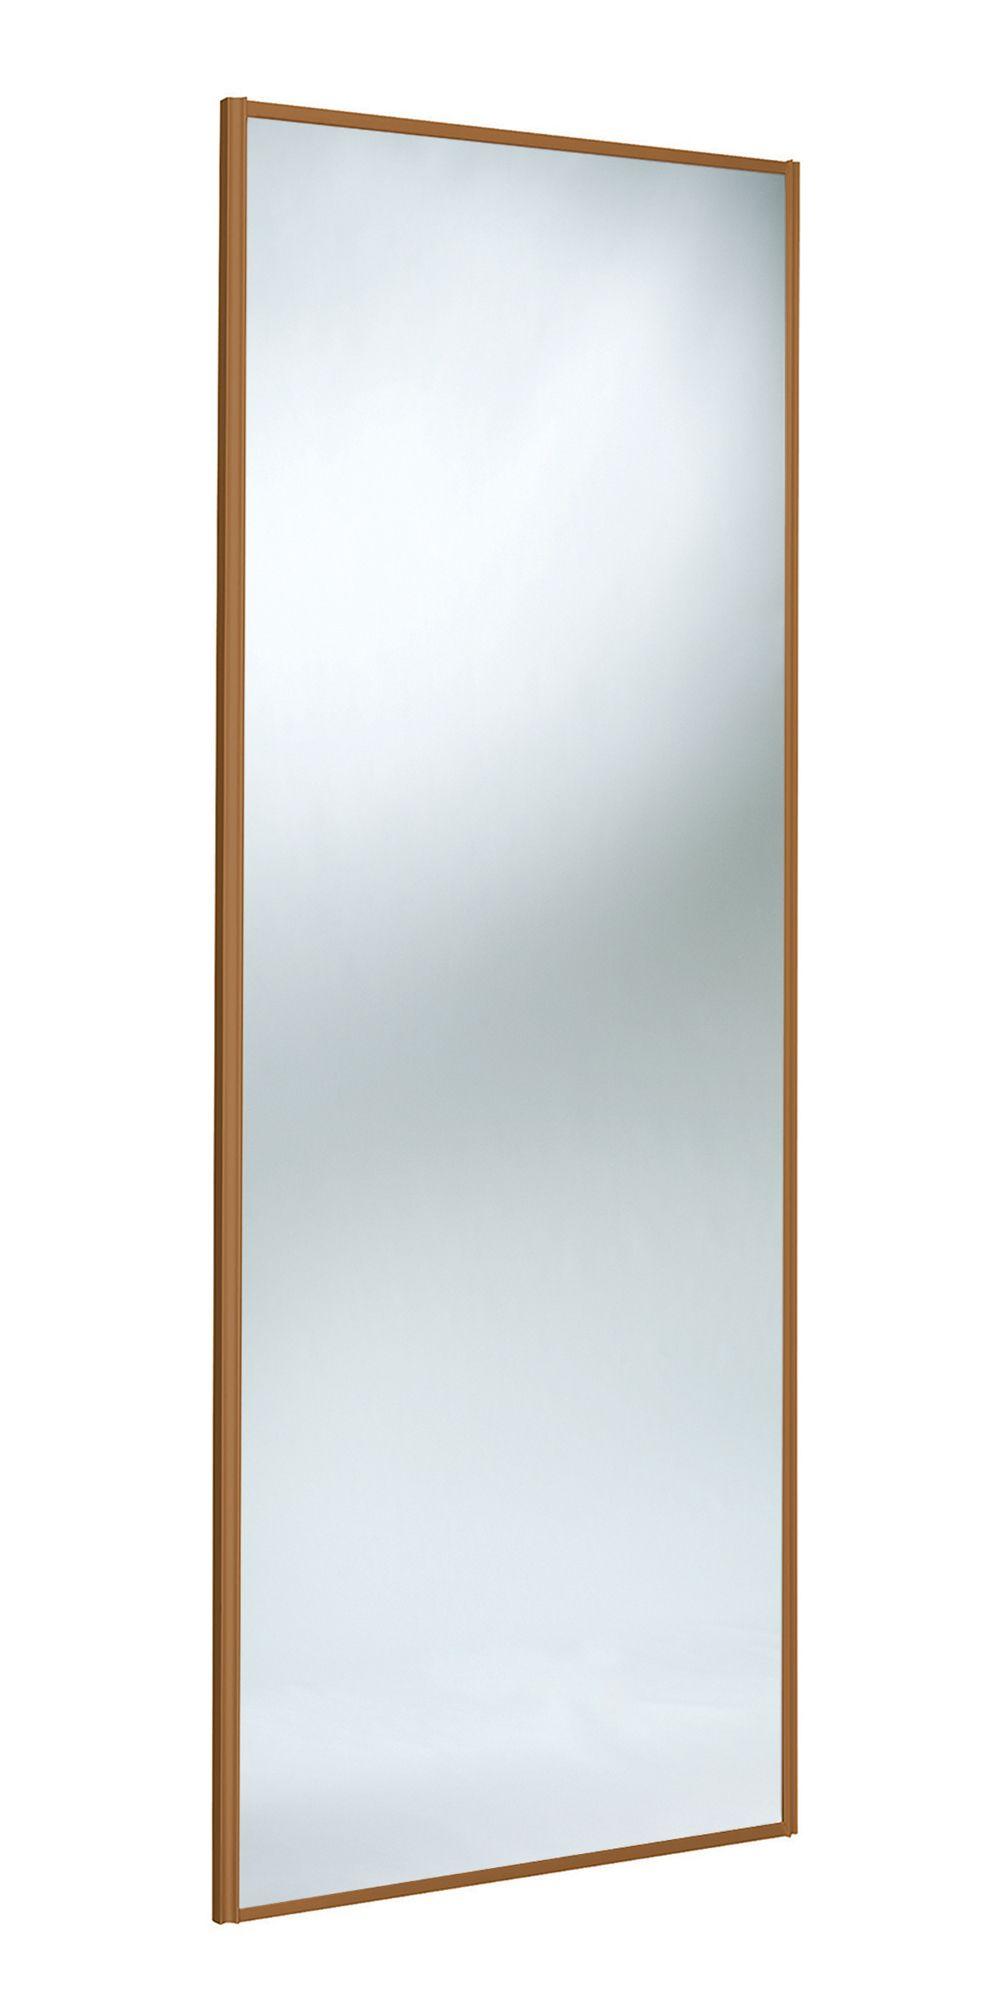 Panel Full Length Mirror Mirror Sliding Wardrobe Door (h)2220 Mm (w)762 Mm